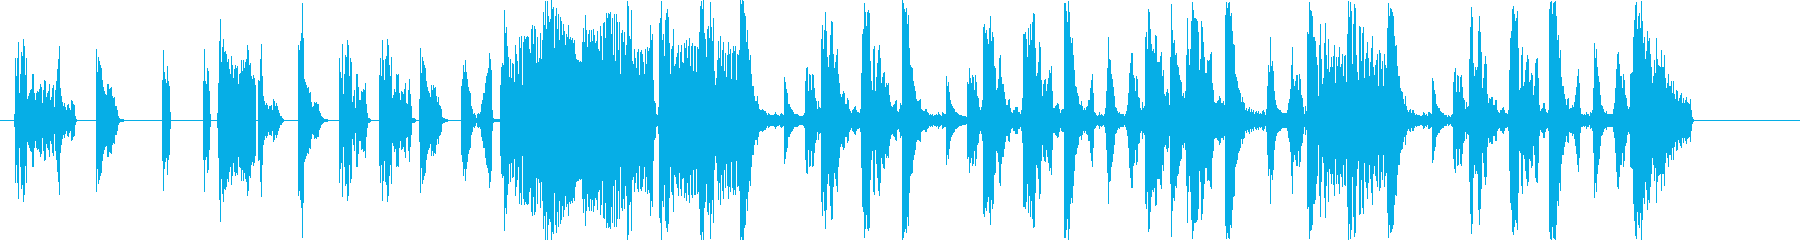 ヒューマンビートボックスジングルの再生済みの波形